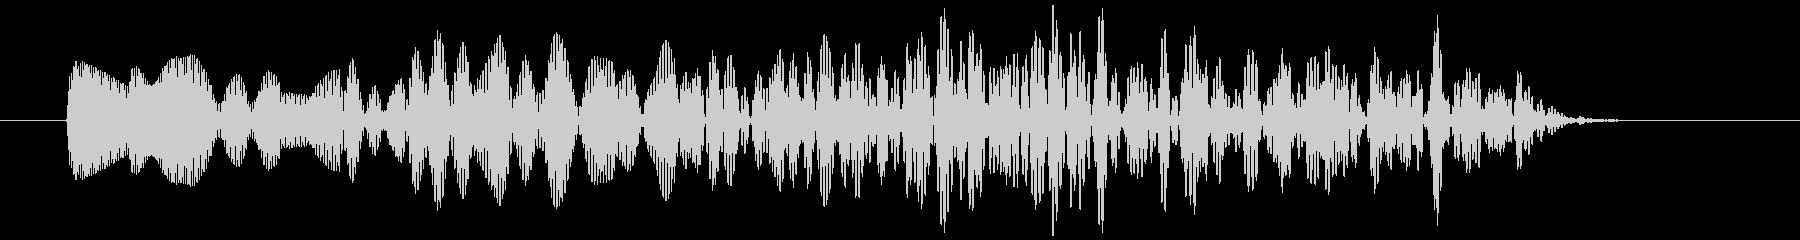 アナログFX 5の未再生の波形